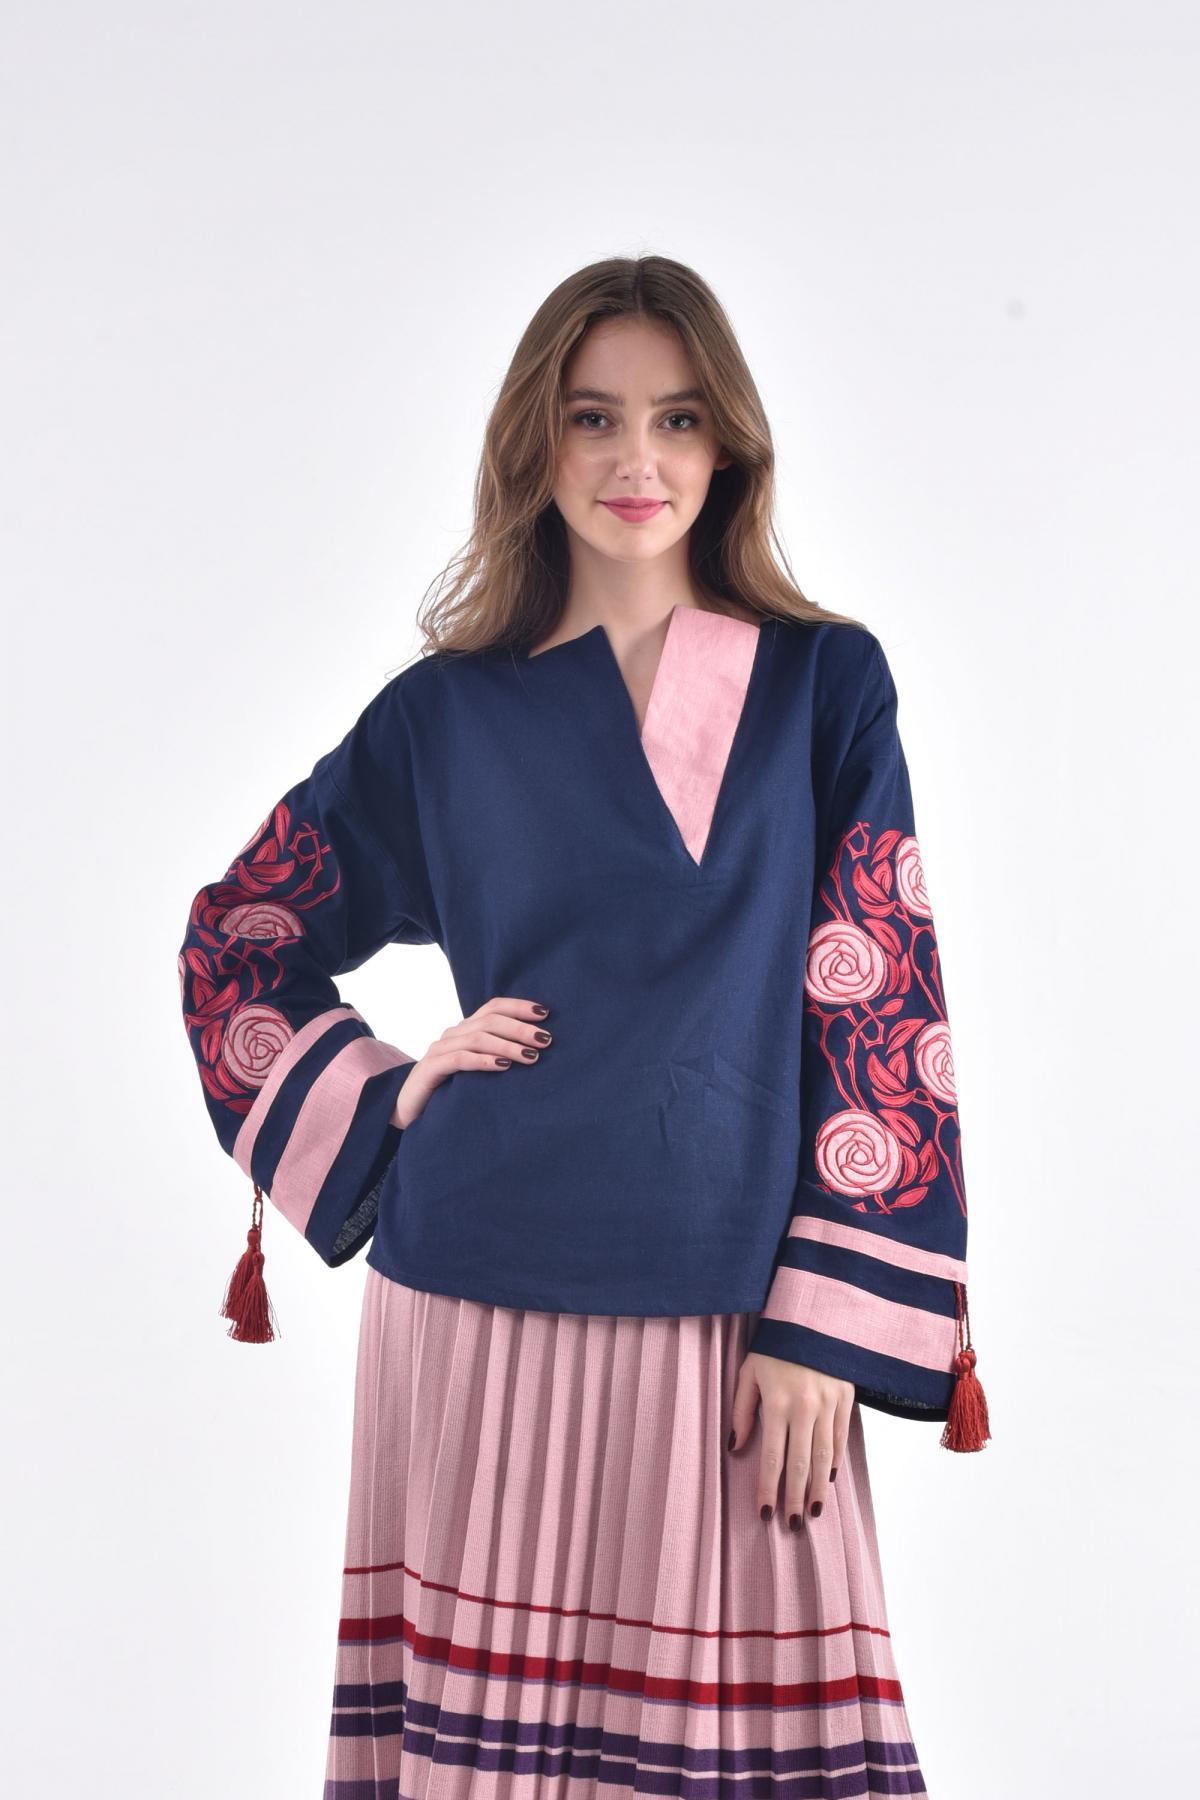 Блузка с вышивкой в виде шиповника темно-синяя. Фото №1. | Народный дом Украина